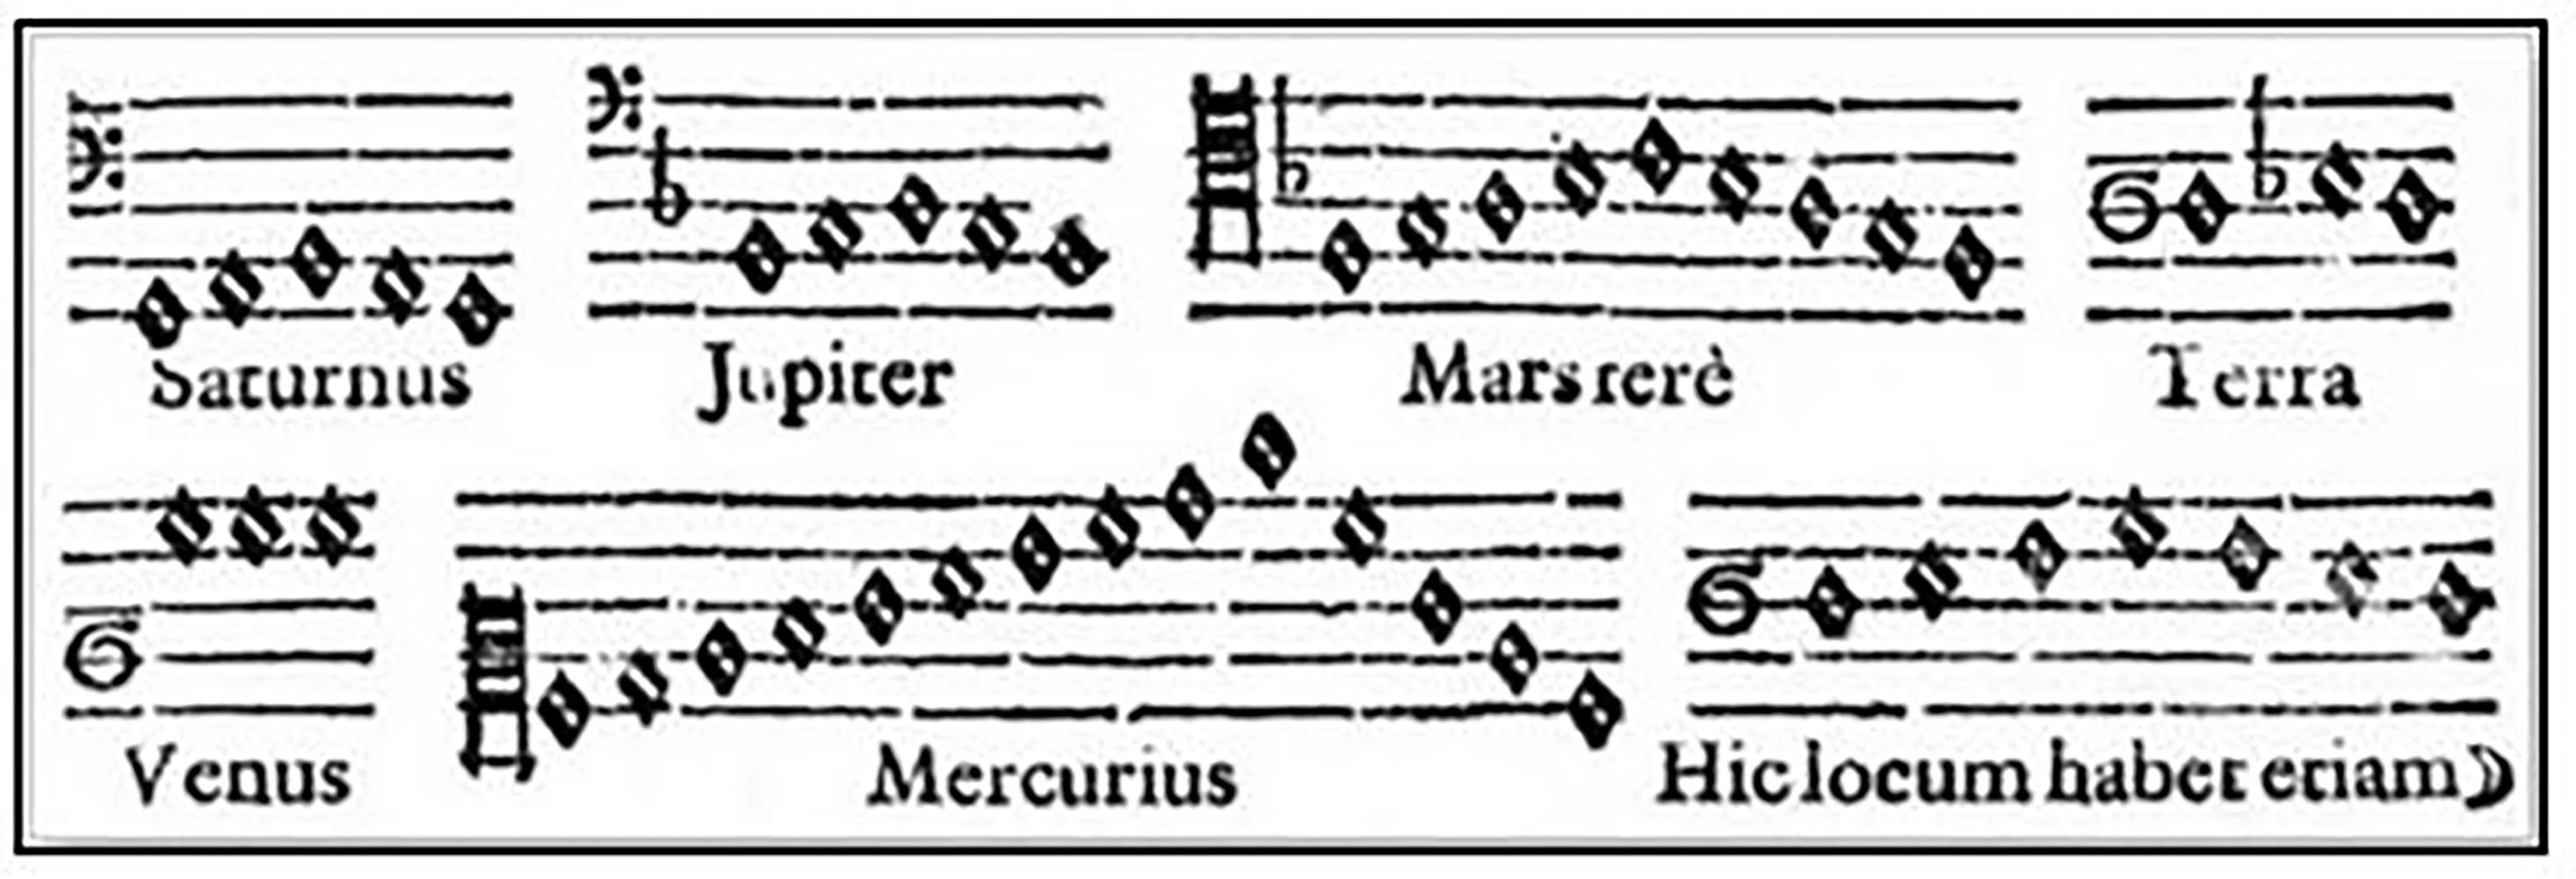 música de las estrellas. Kepler